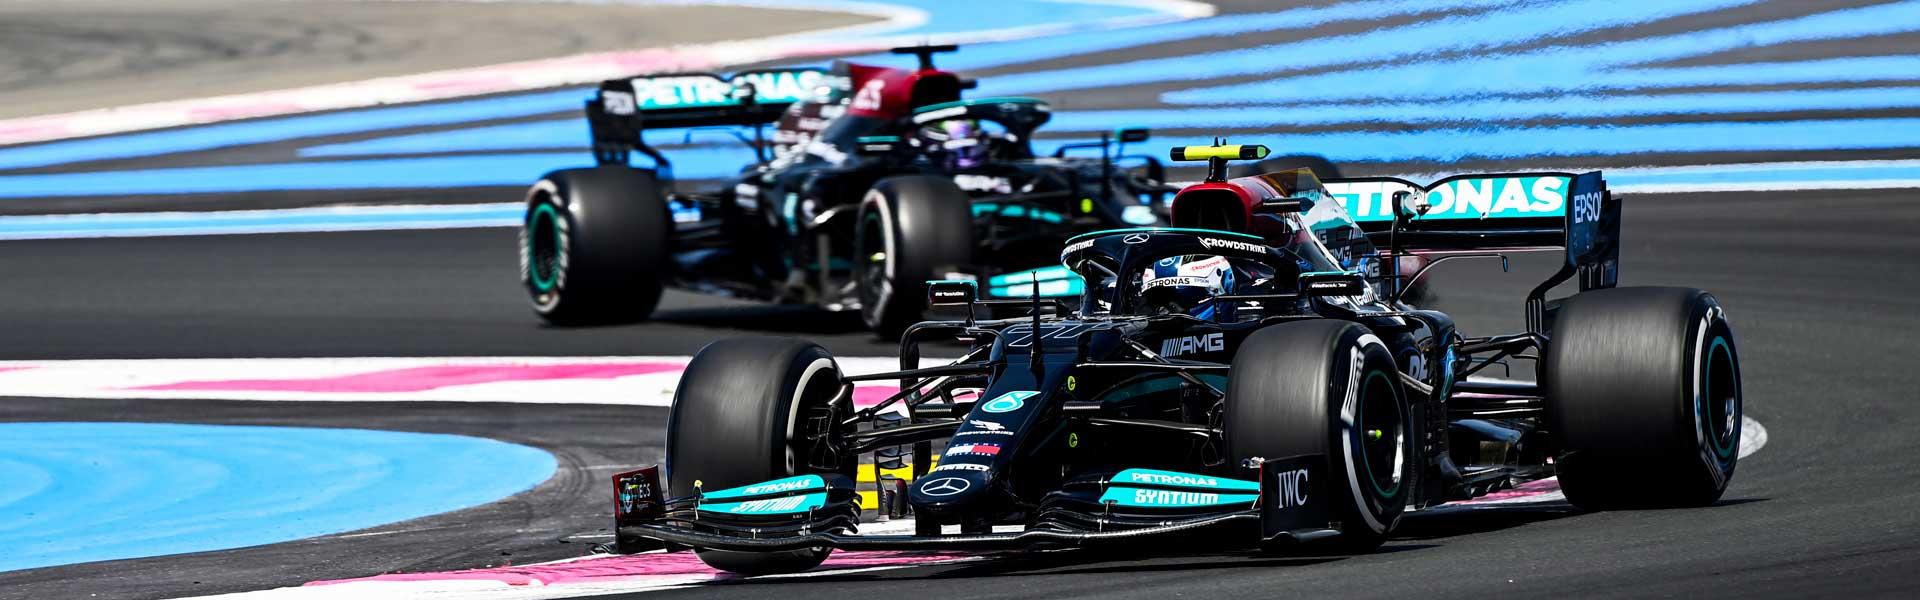 Hamilton in P2, Bottas in P4 at the French Grand Prix